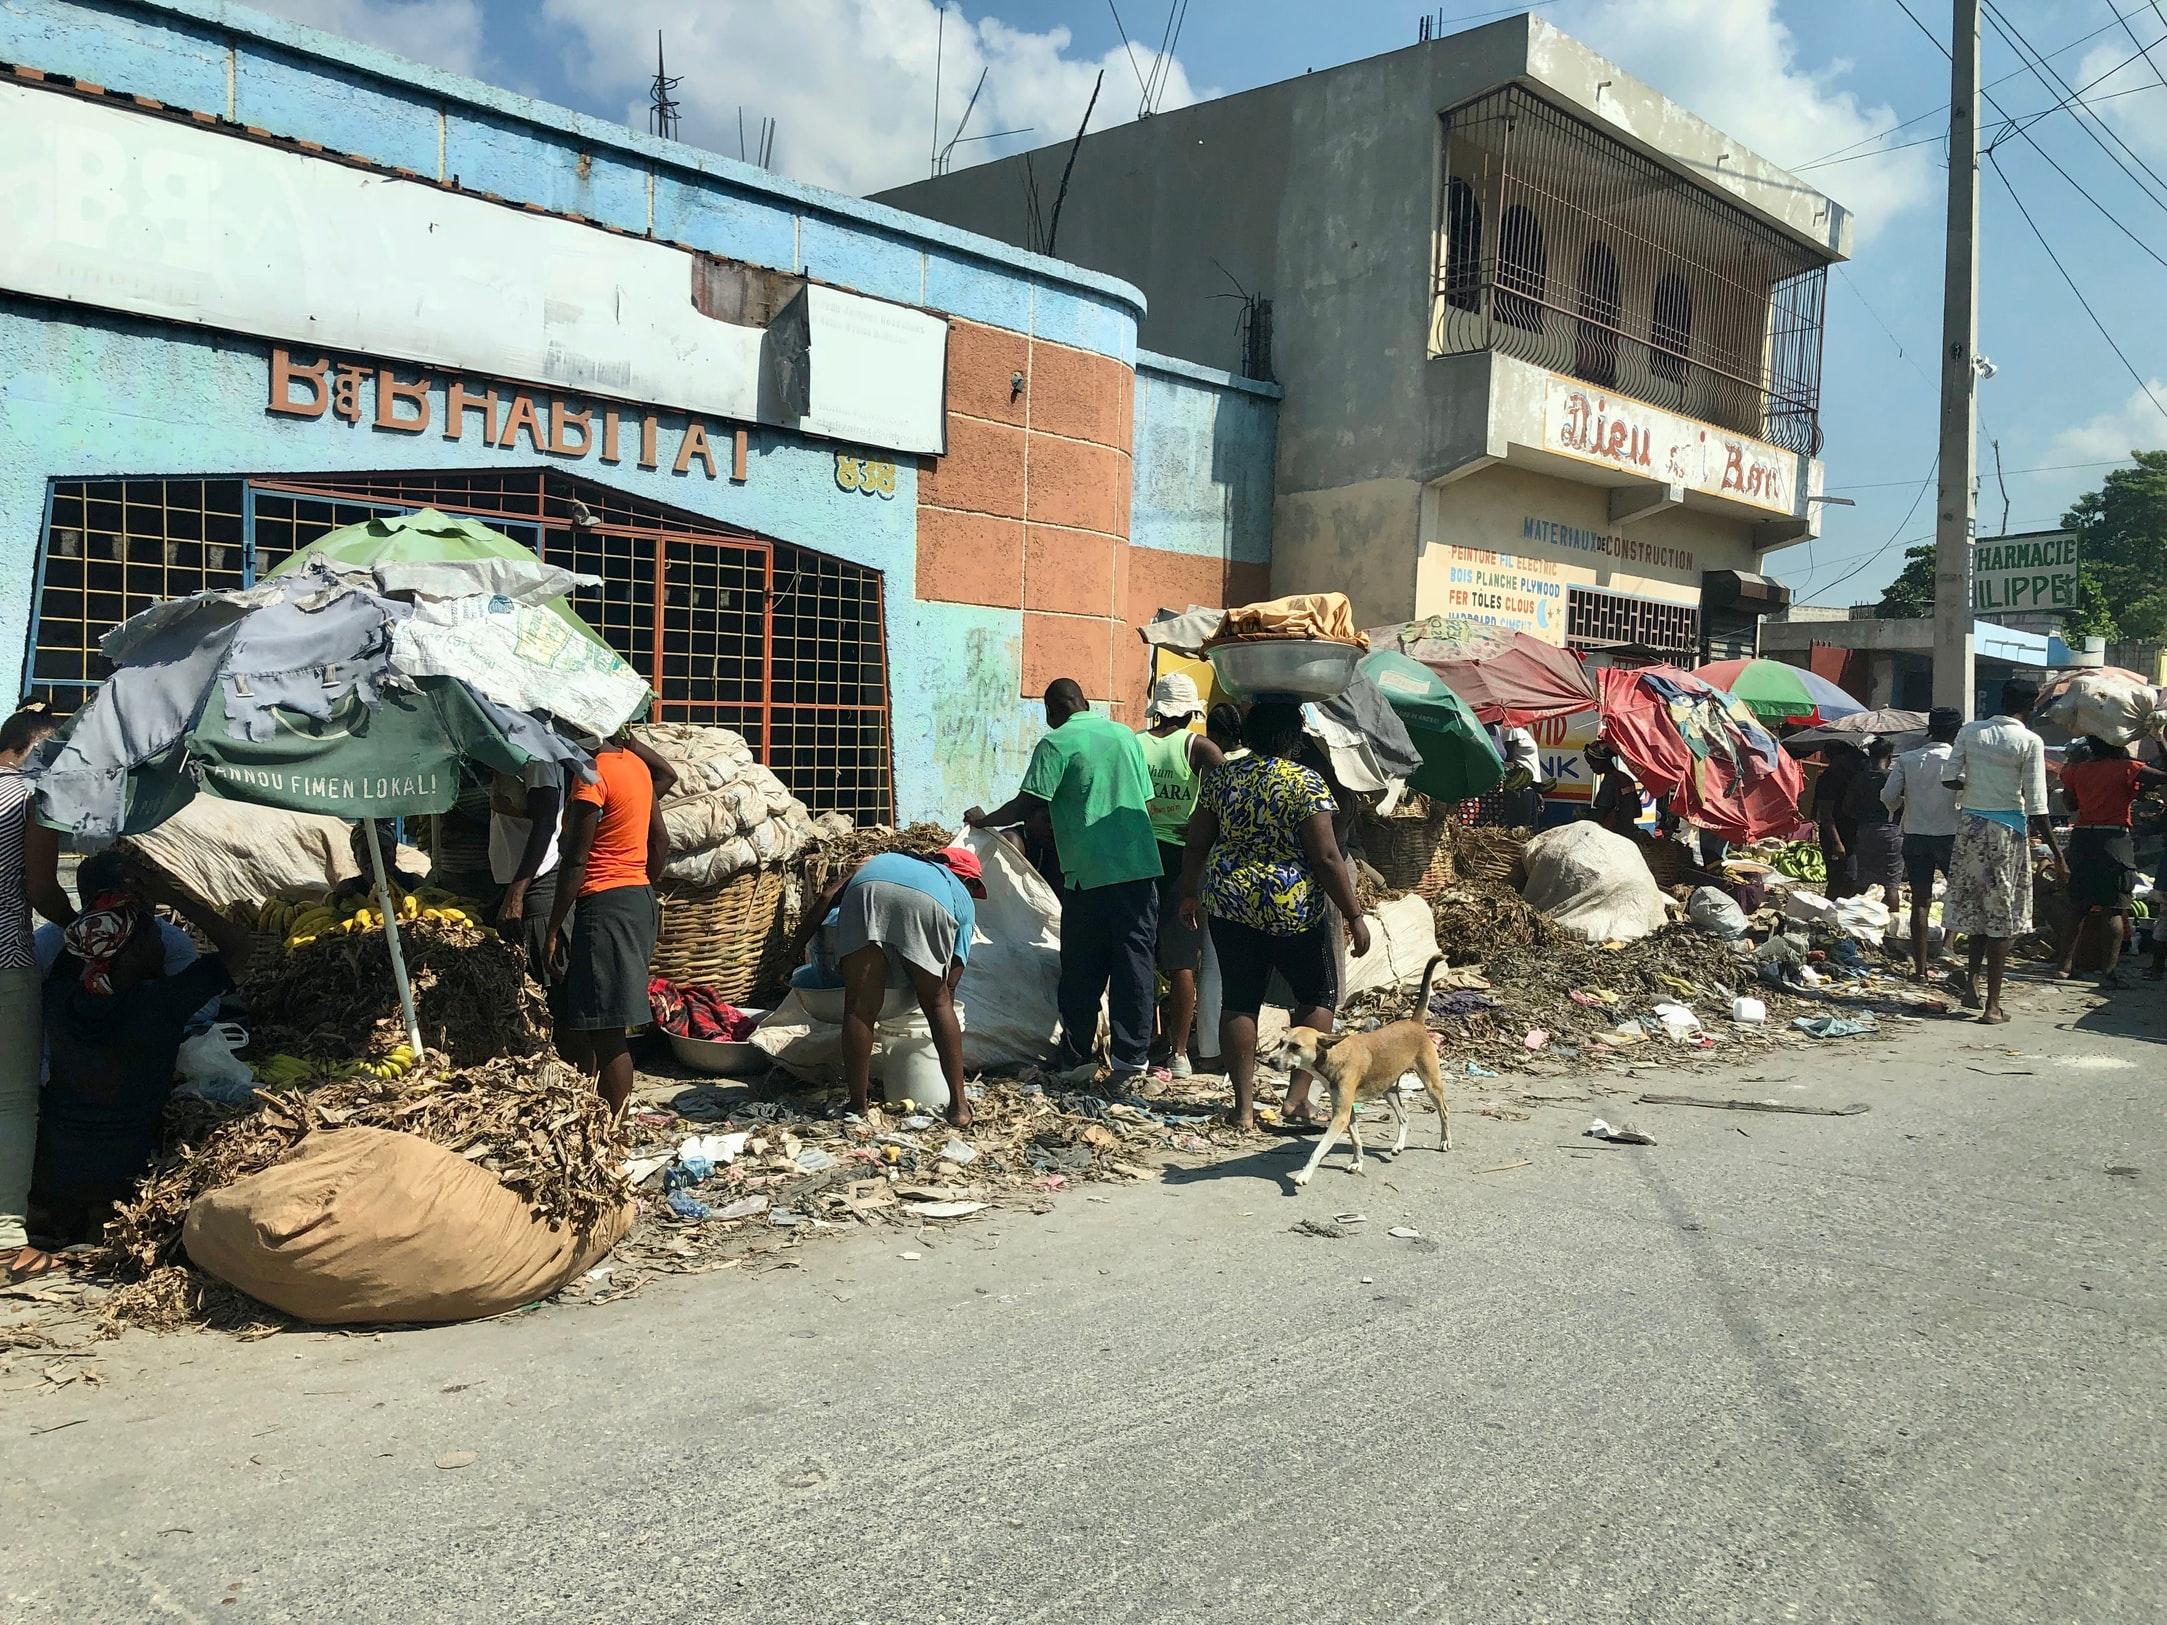 Crisi di Haiti: come siamo arrivati a questo punto?